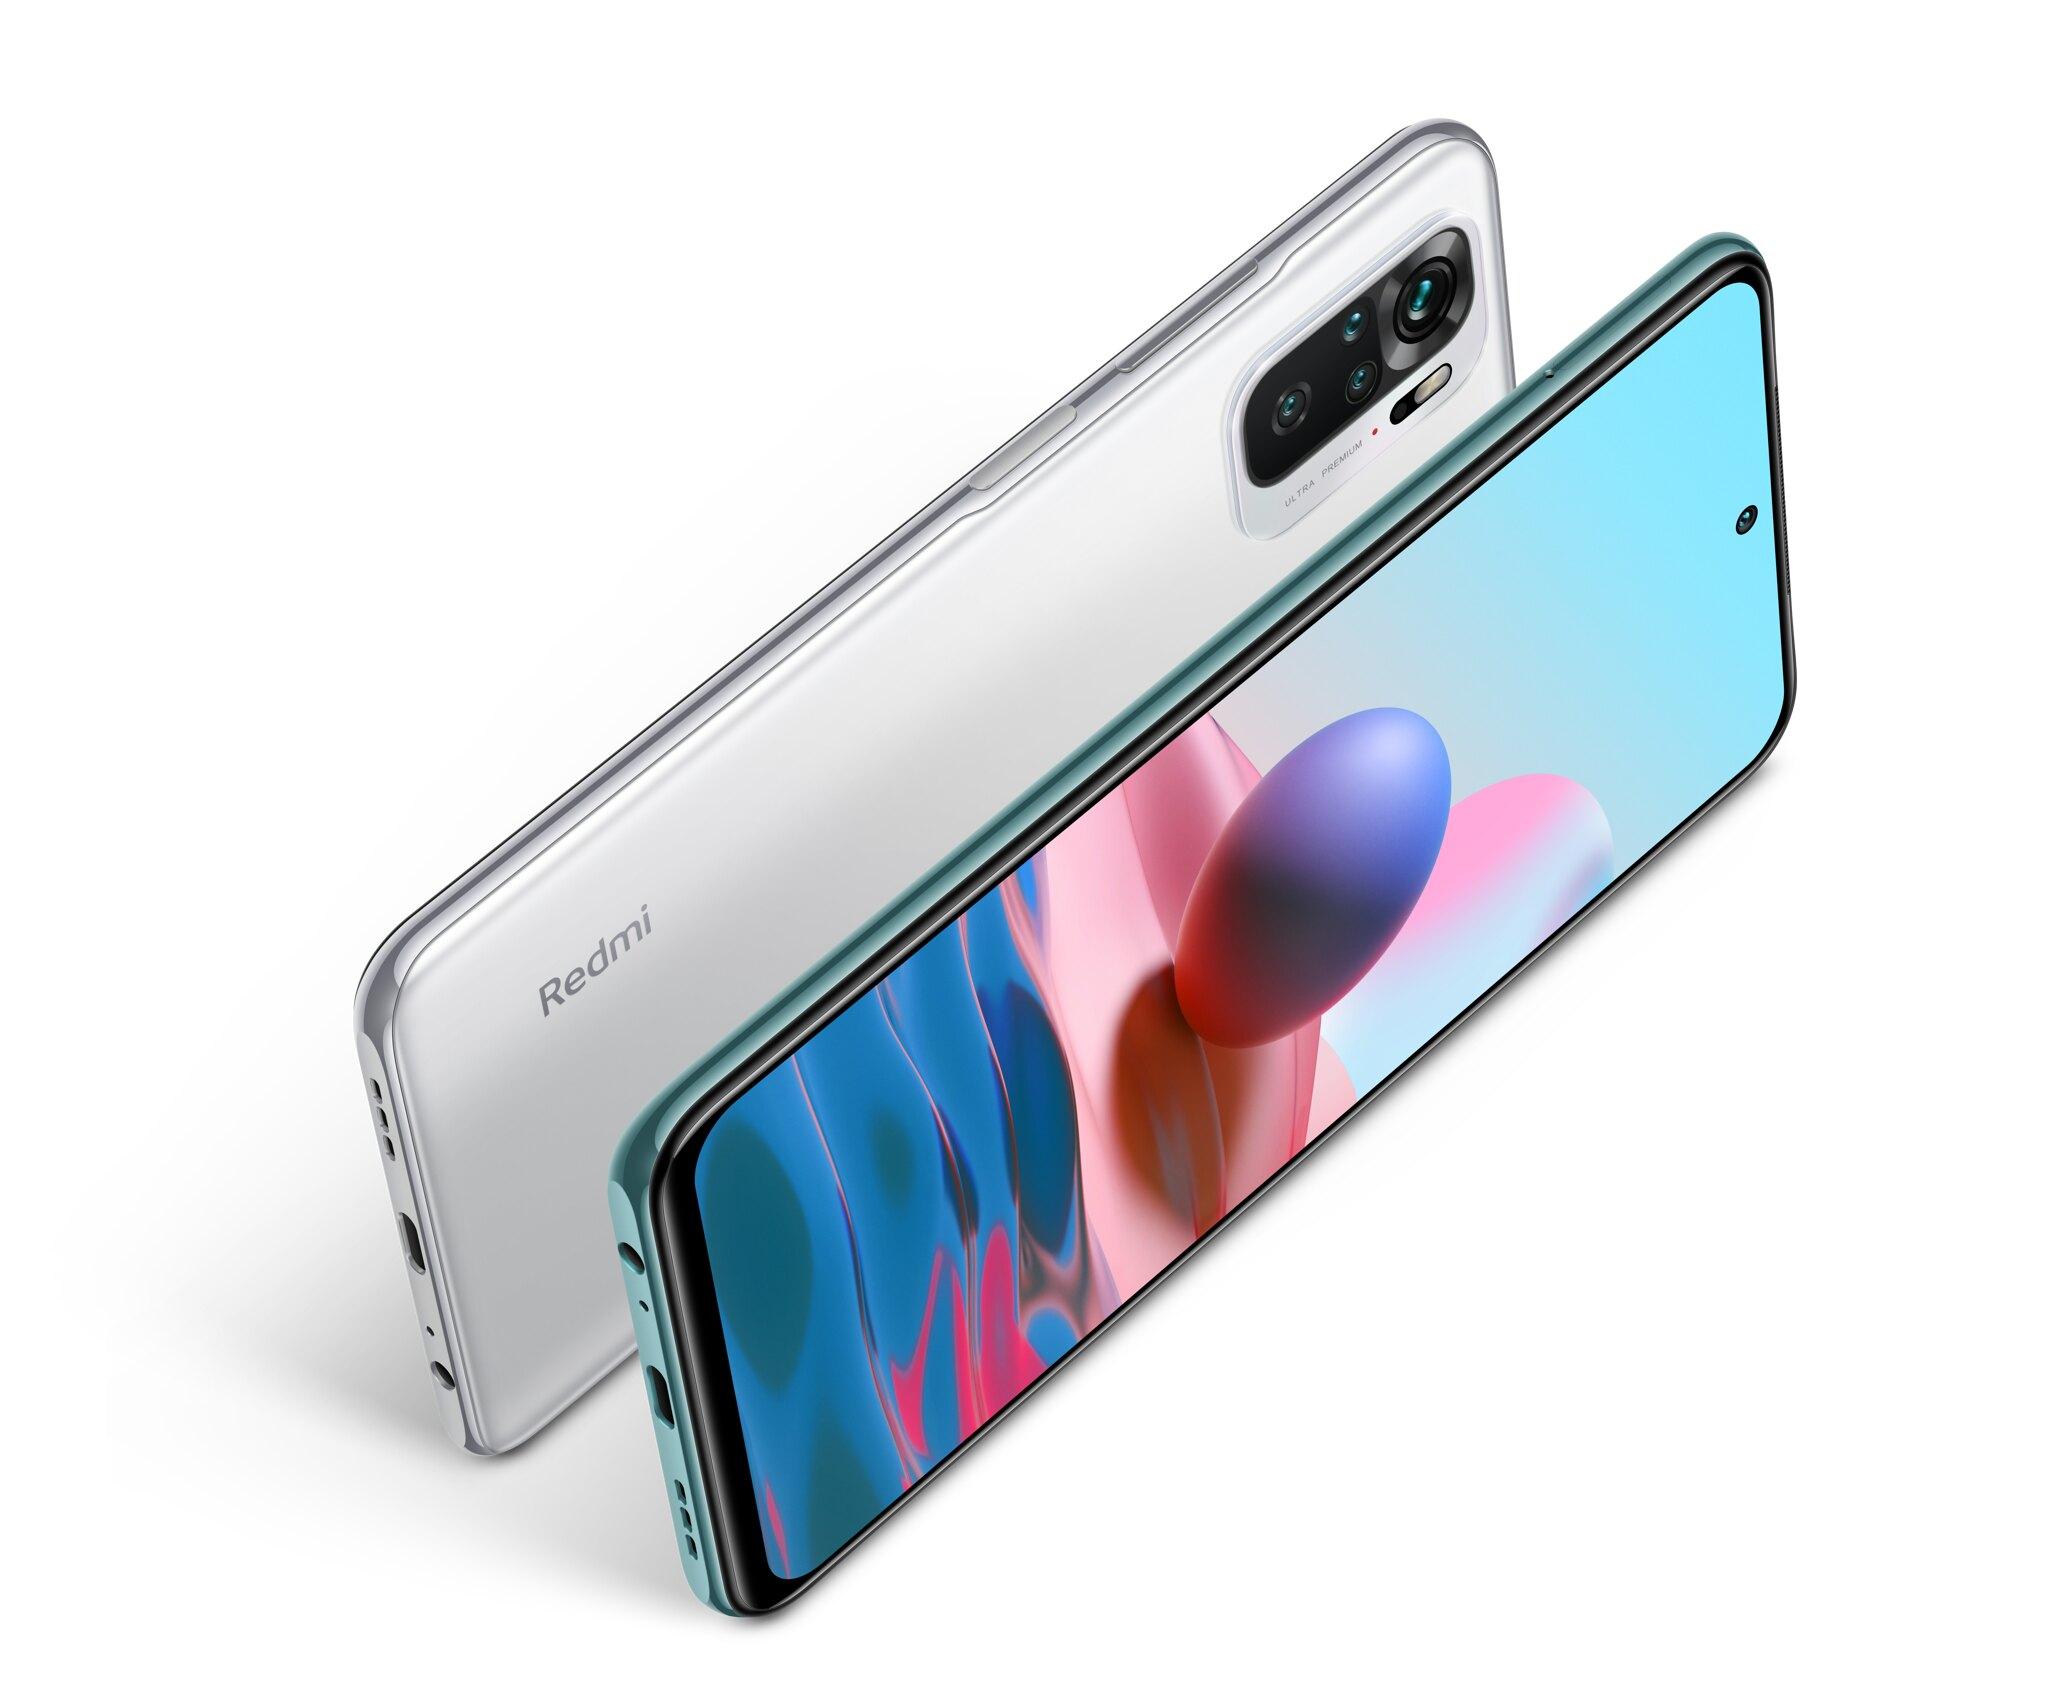 Redmi uvedlo ještě novinky Note 10S a Note 10 5G